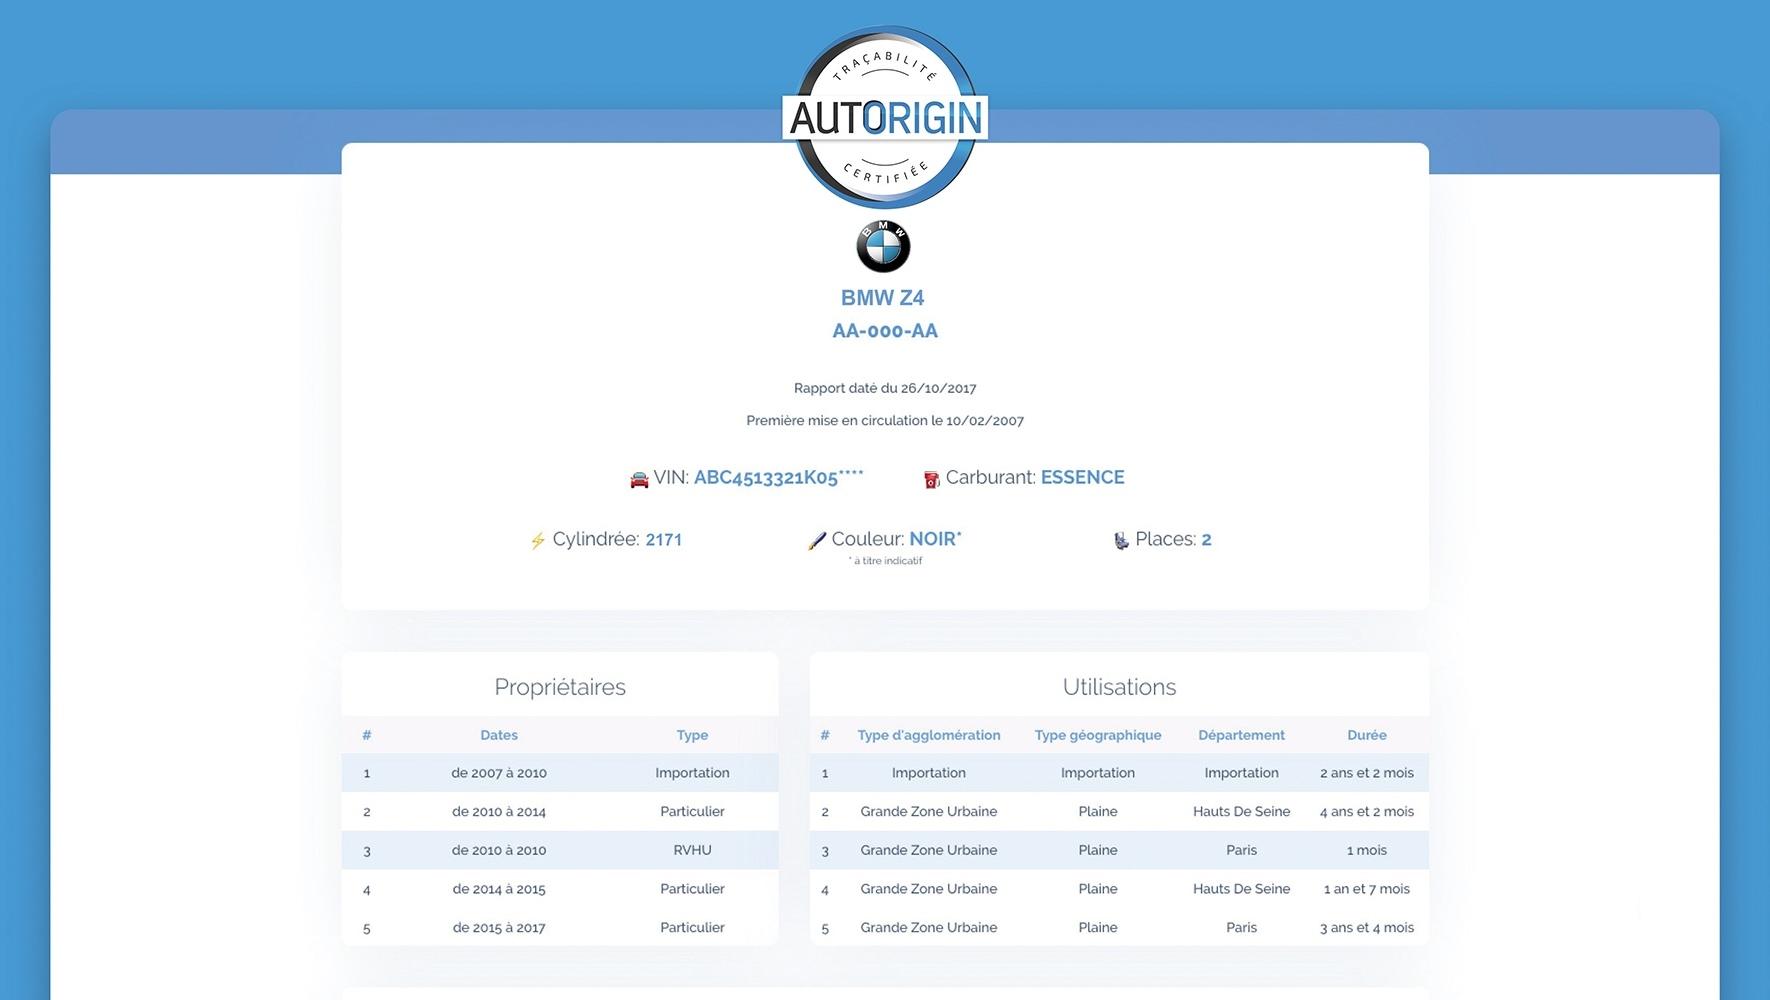 Rapport Autorigin BMW Z4 – 1